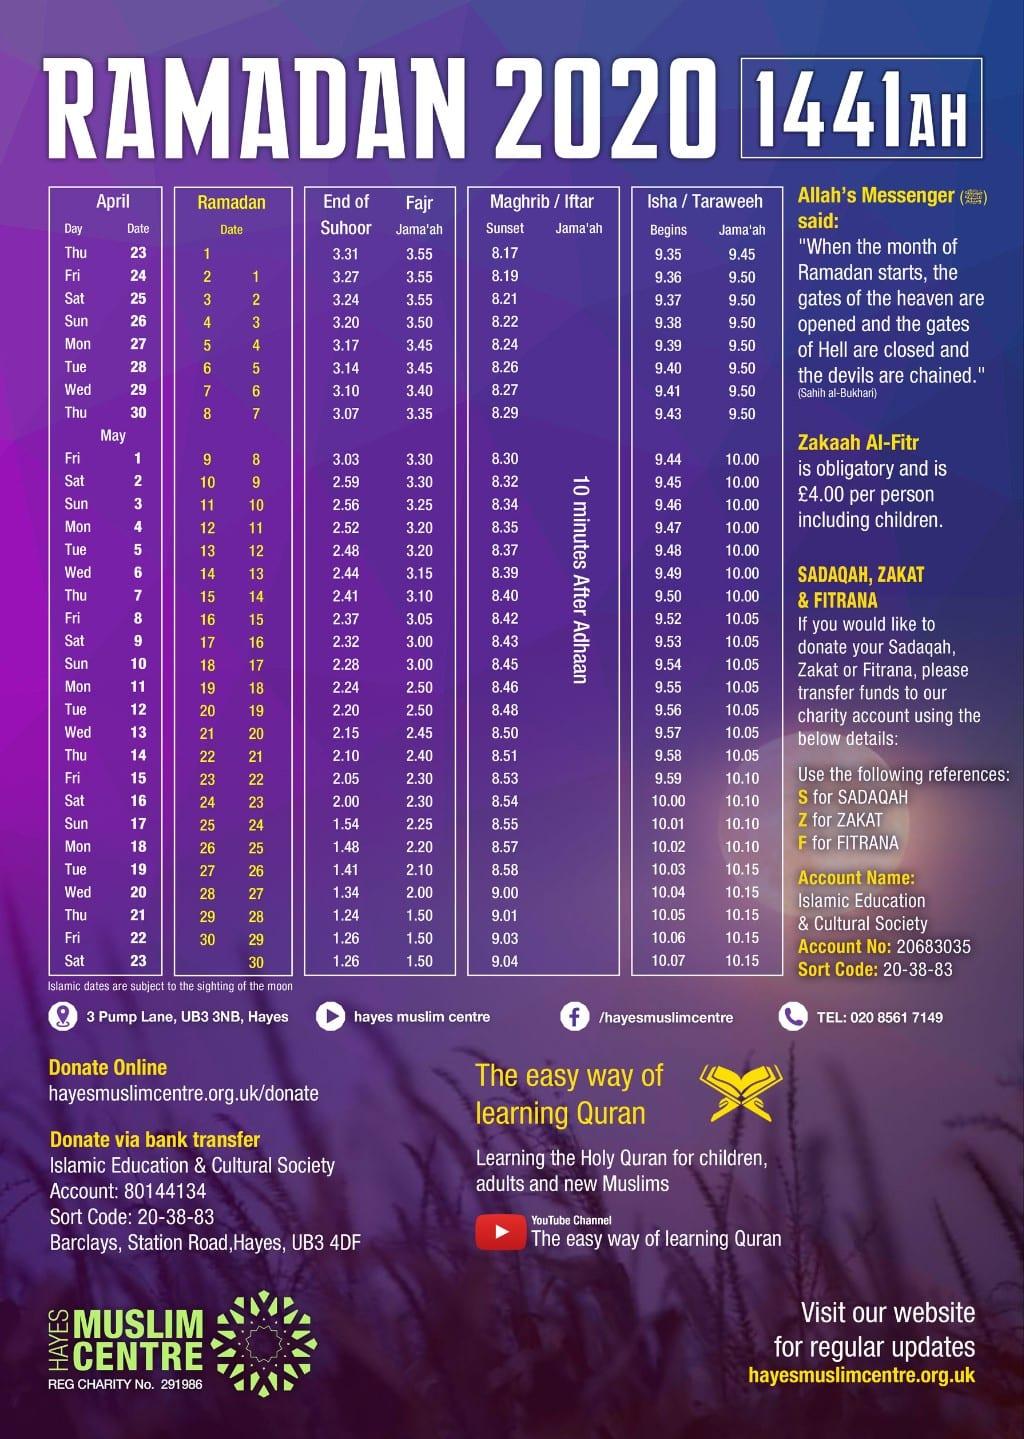 HMC Ramadan Timetable 2020